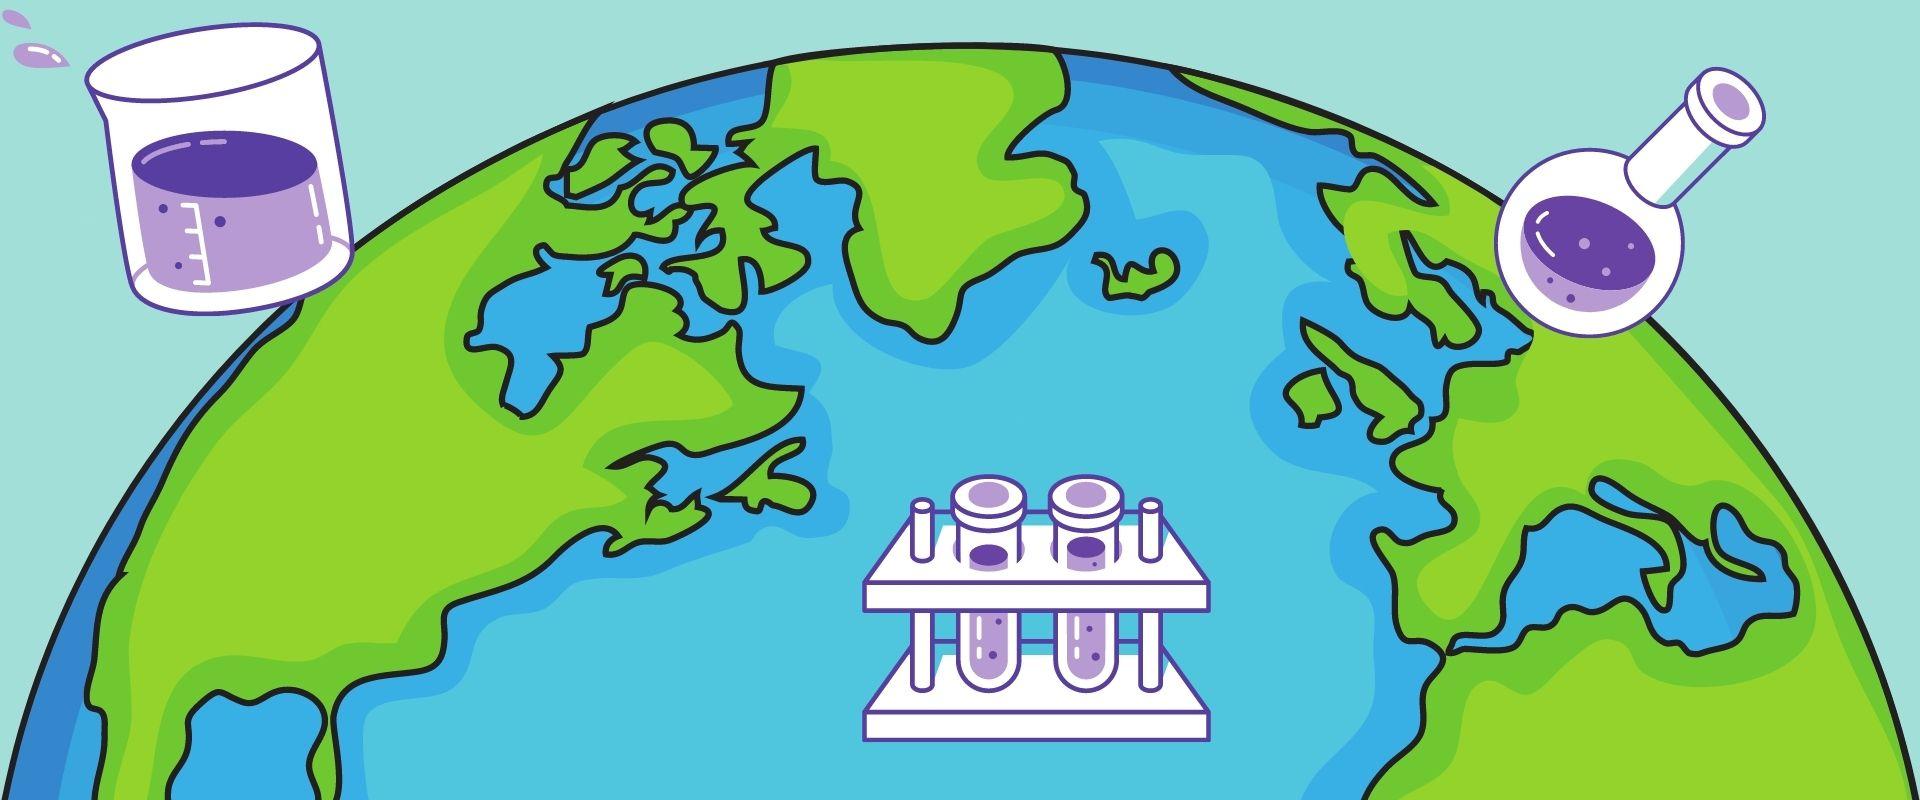 Klimawandel einfach erklärt für Kinder mit einfachen Experimenten